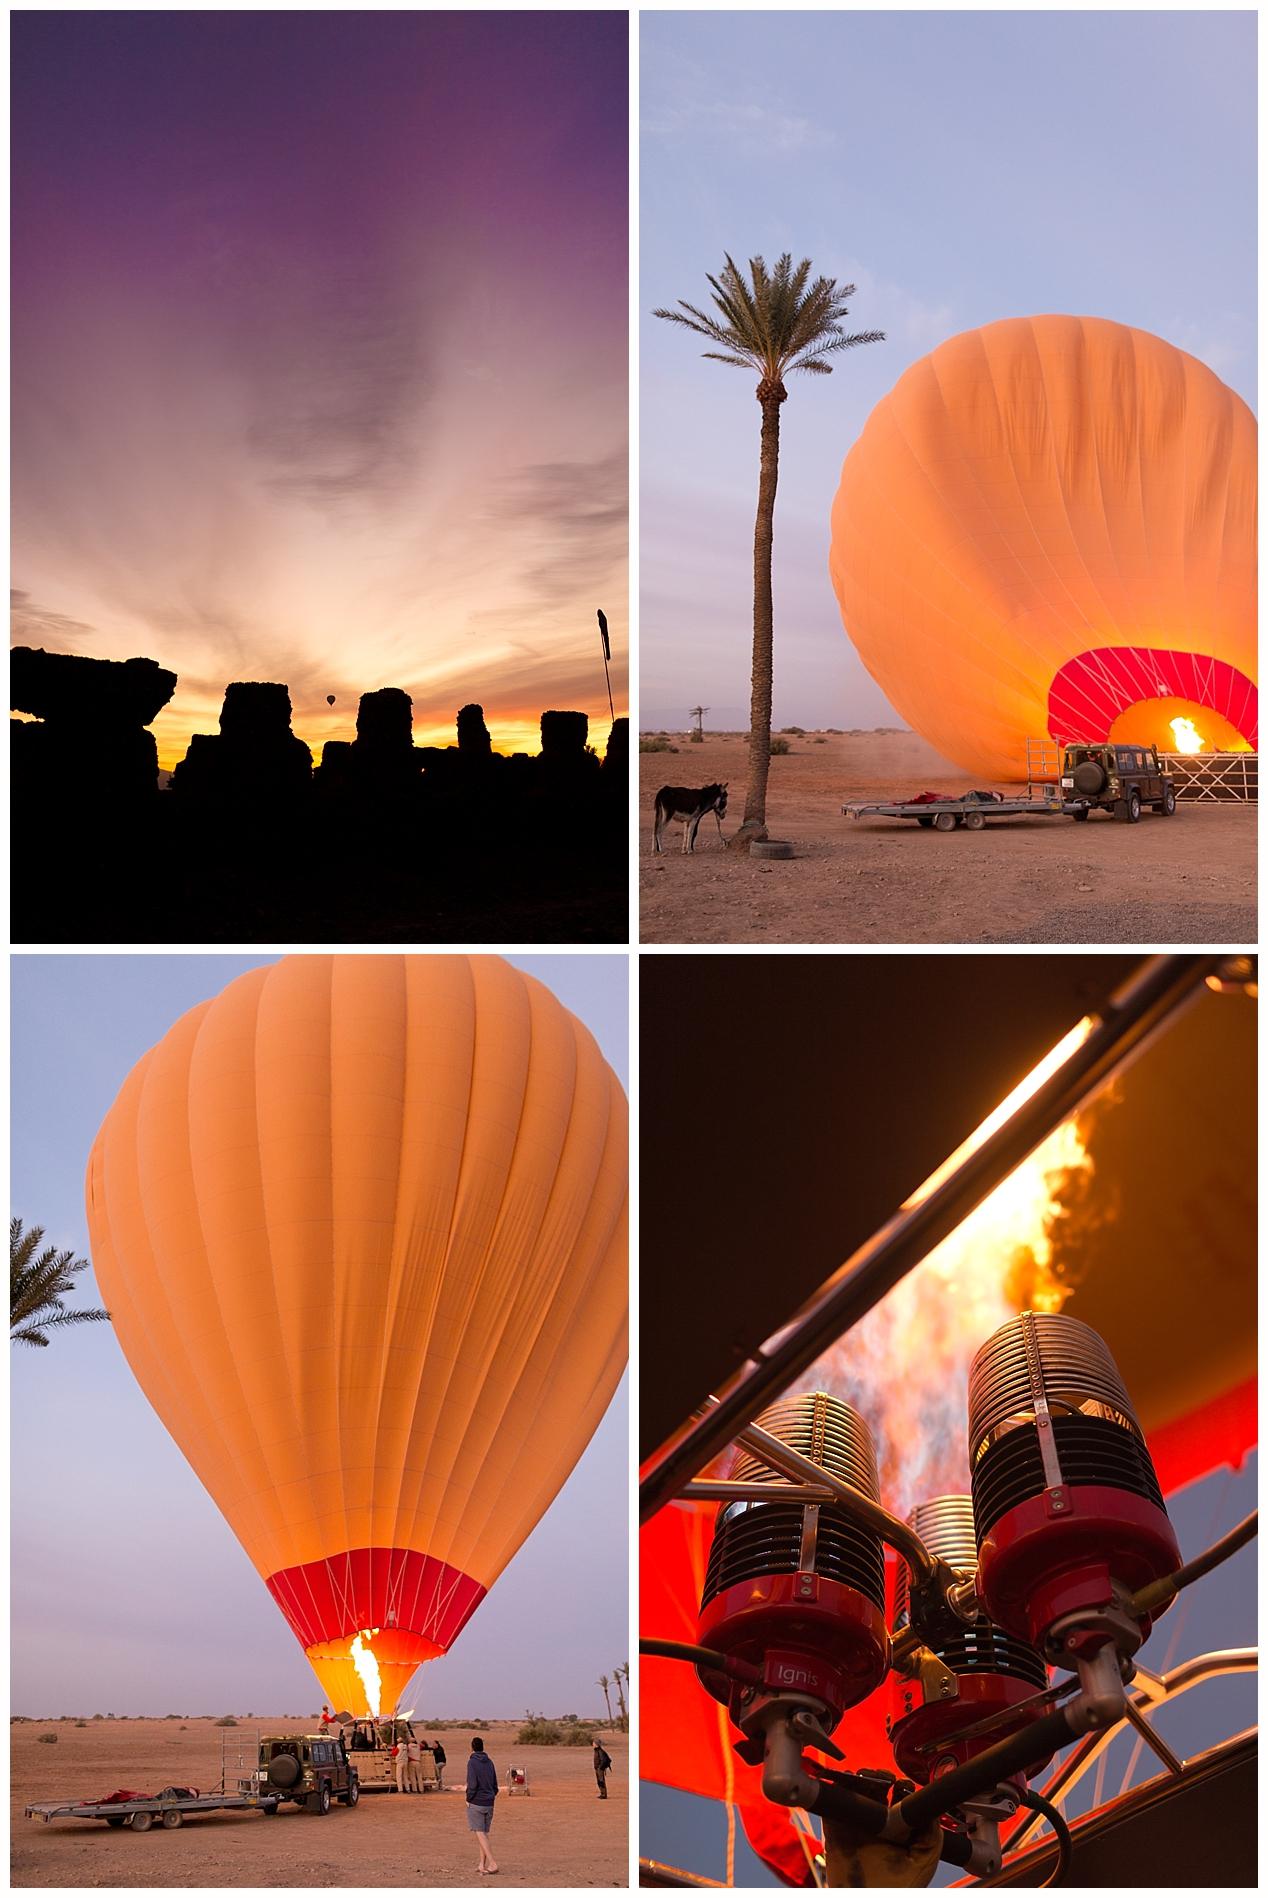 hot air balloon ride in Morocco